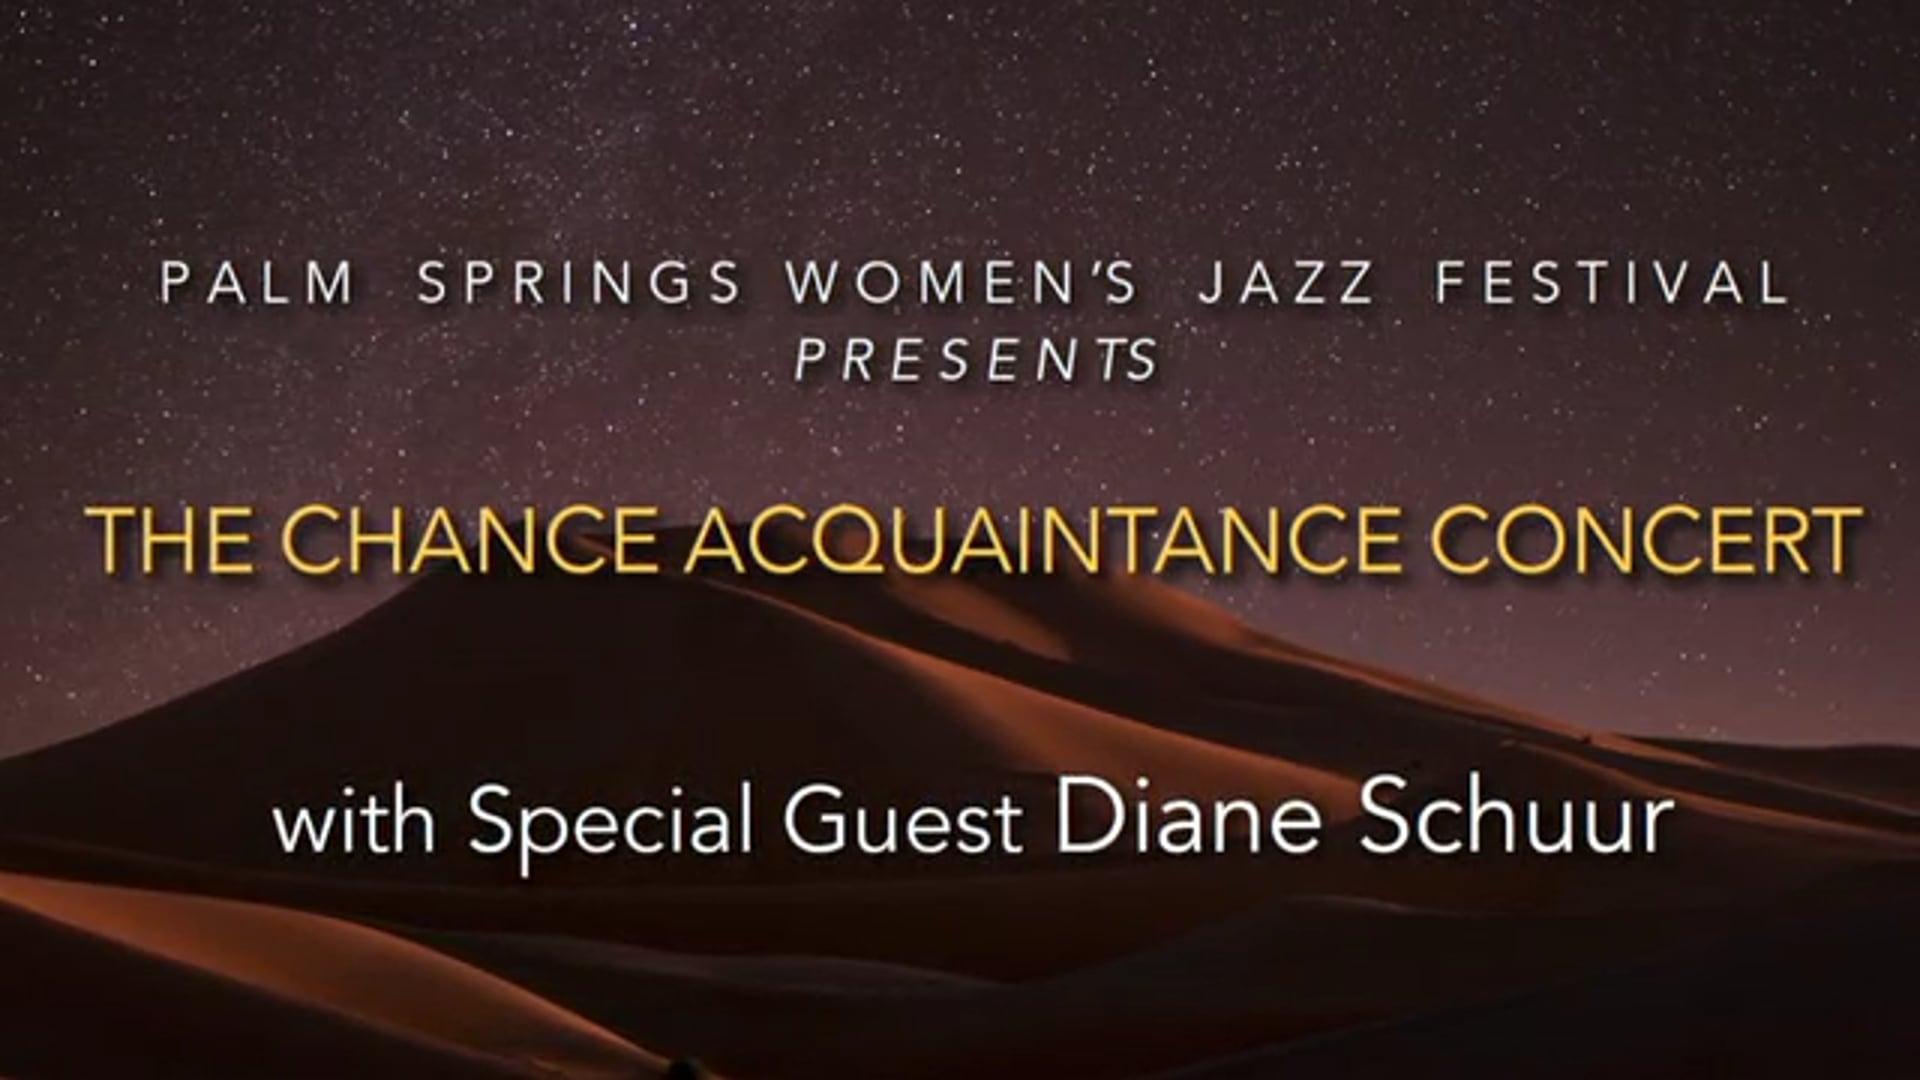 Chance Acquaintance Concert Revised 11.22.20